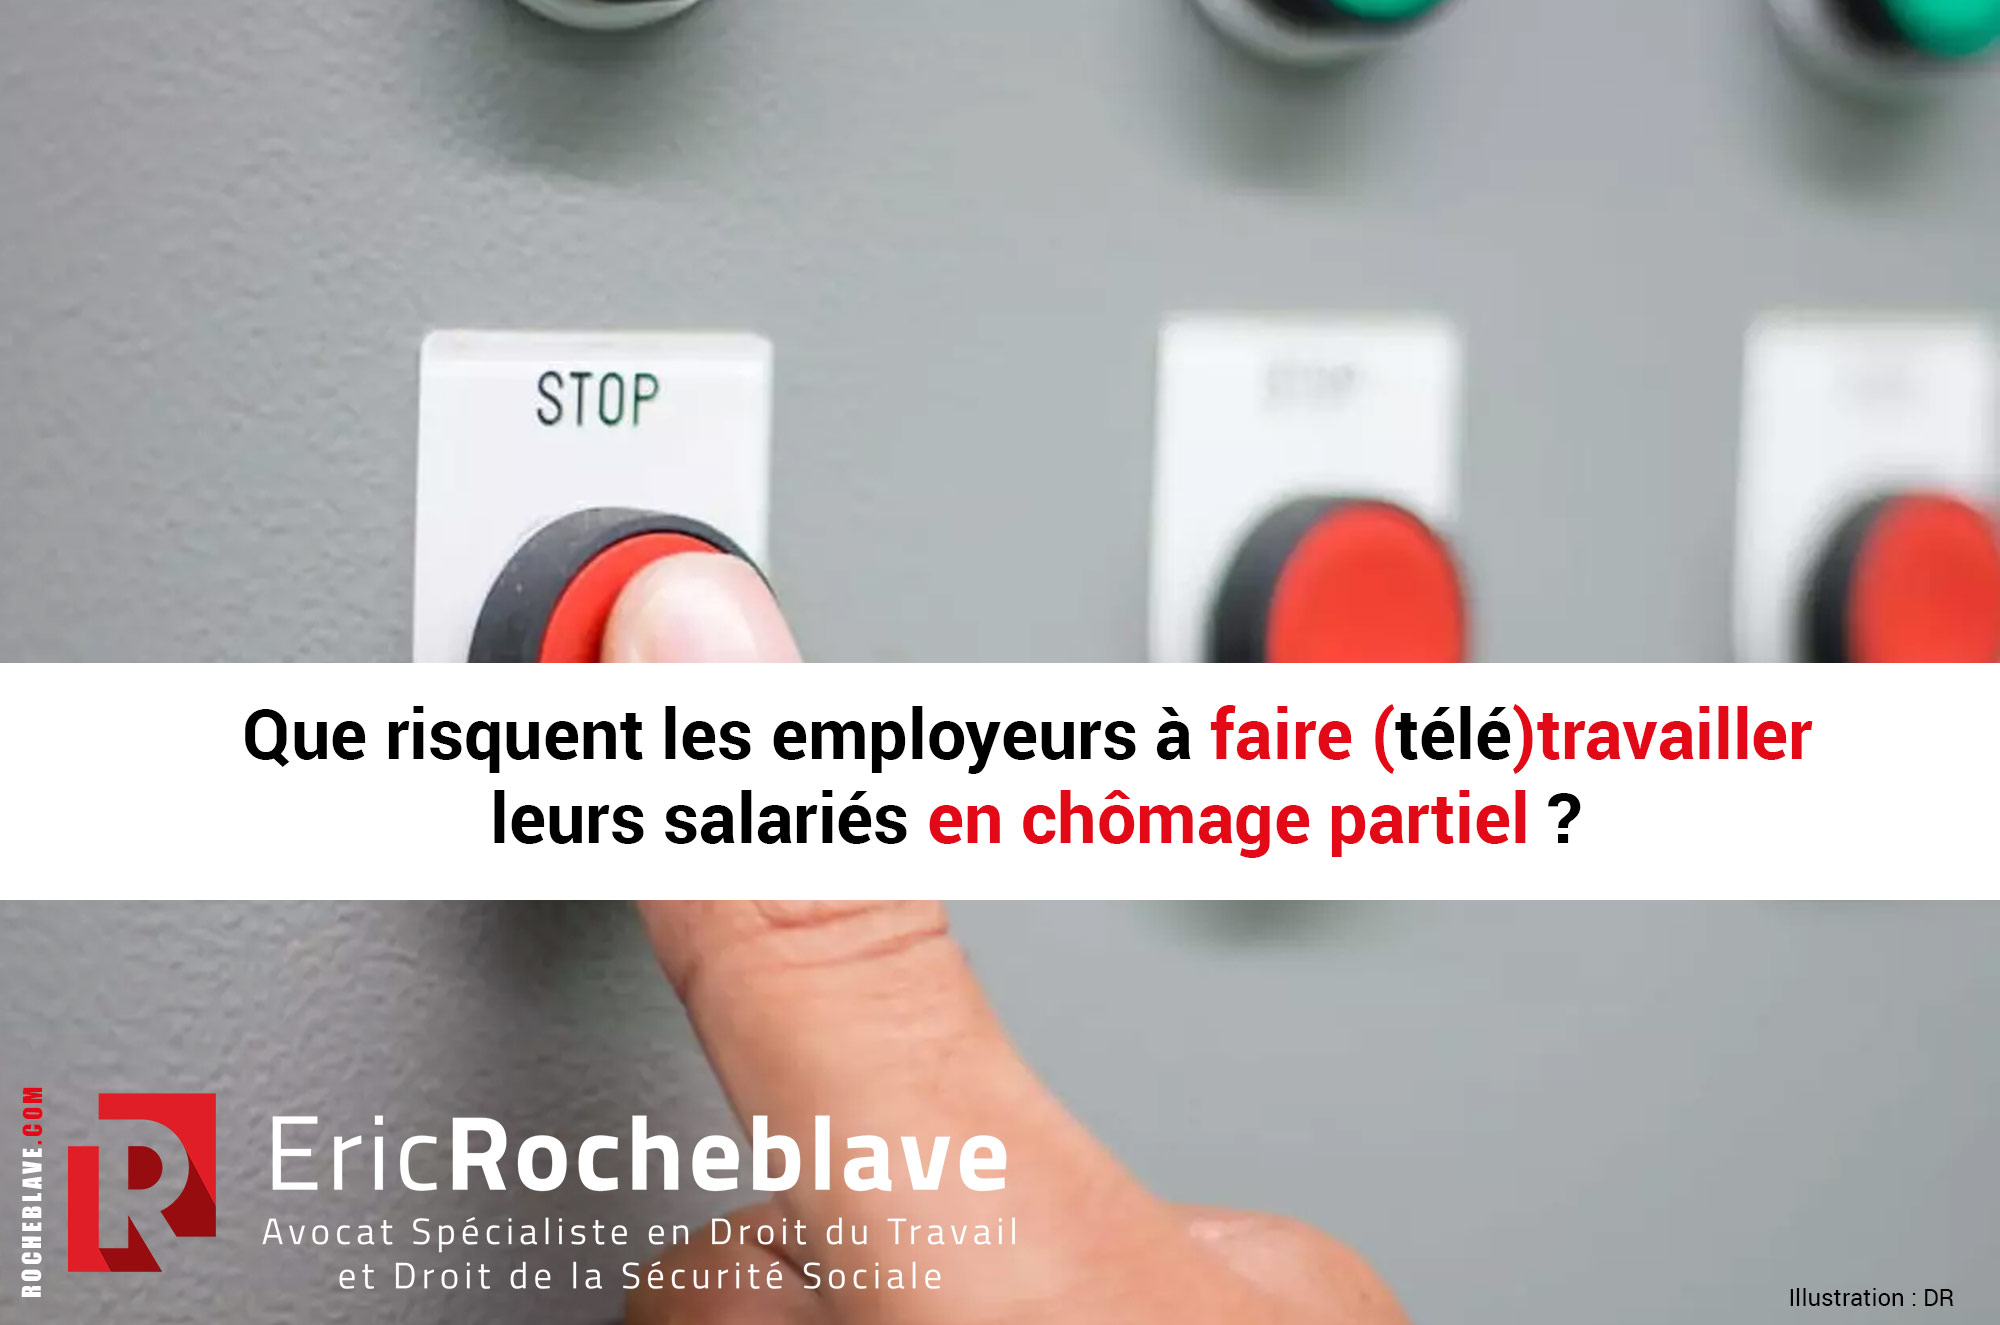 Que risquent les employeurs à faire (télé)travailler leurs salariés en chômage partiel ?